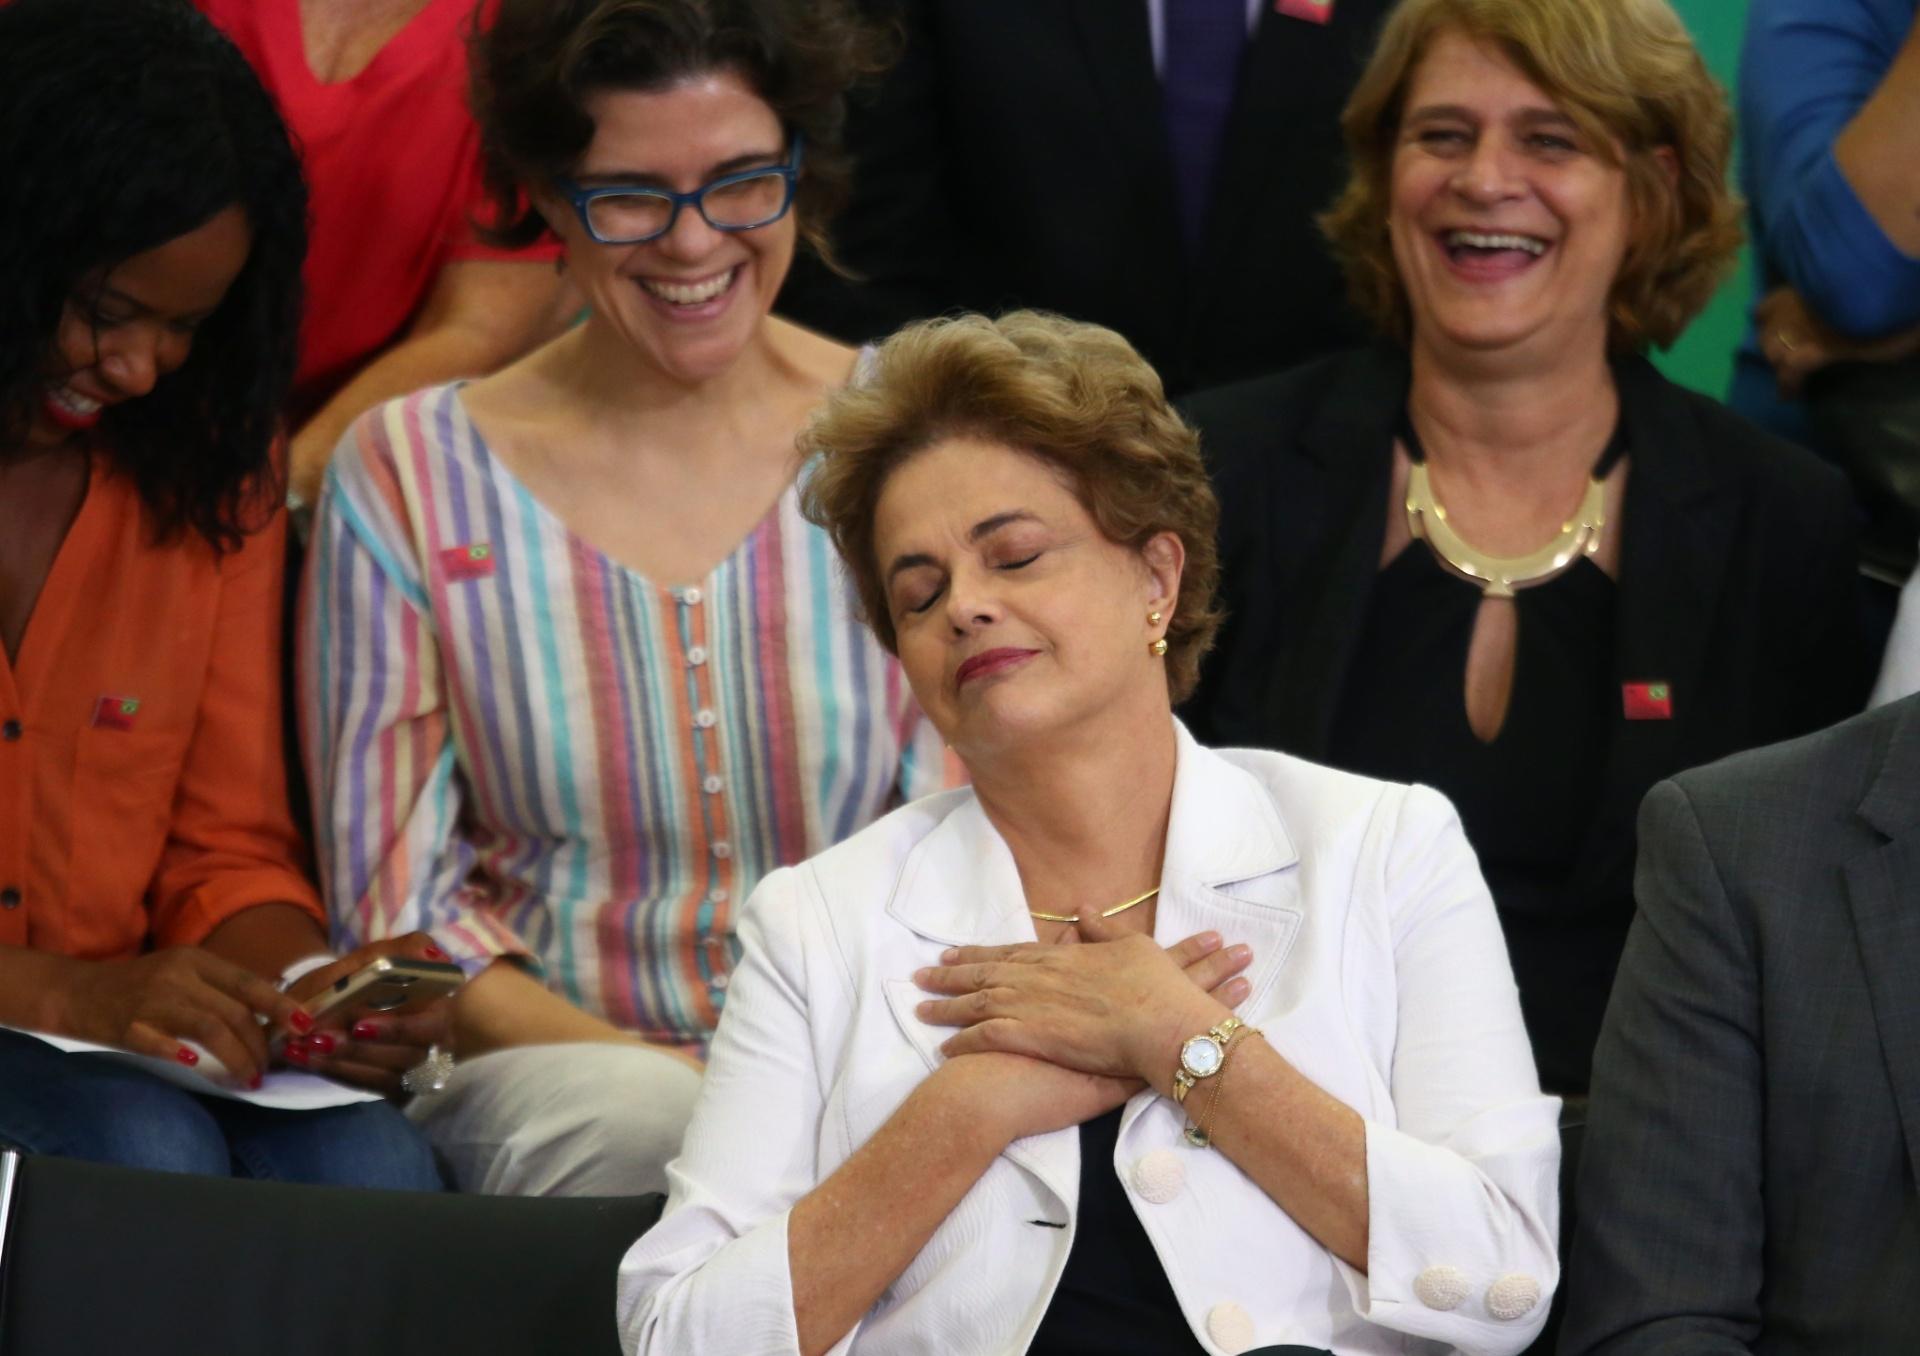 12.abr.2016 - A presidente Dilma Rousseff recebe educadores, alunos e militantes no Encontro da Educação pela Democracia, um ato contra o impeachment, realizado no Palácio do Planalto, em Brasília